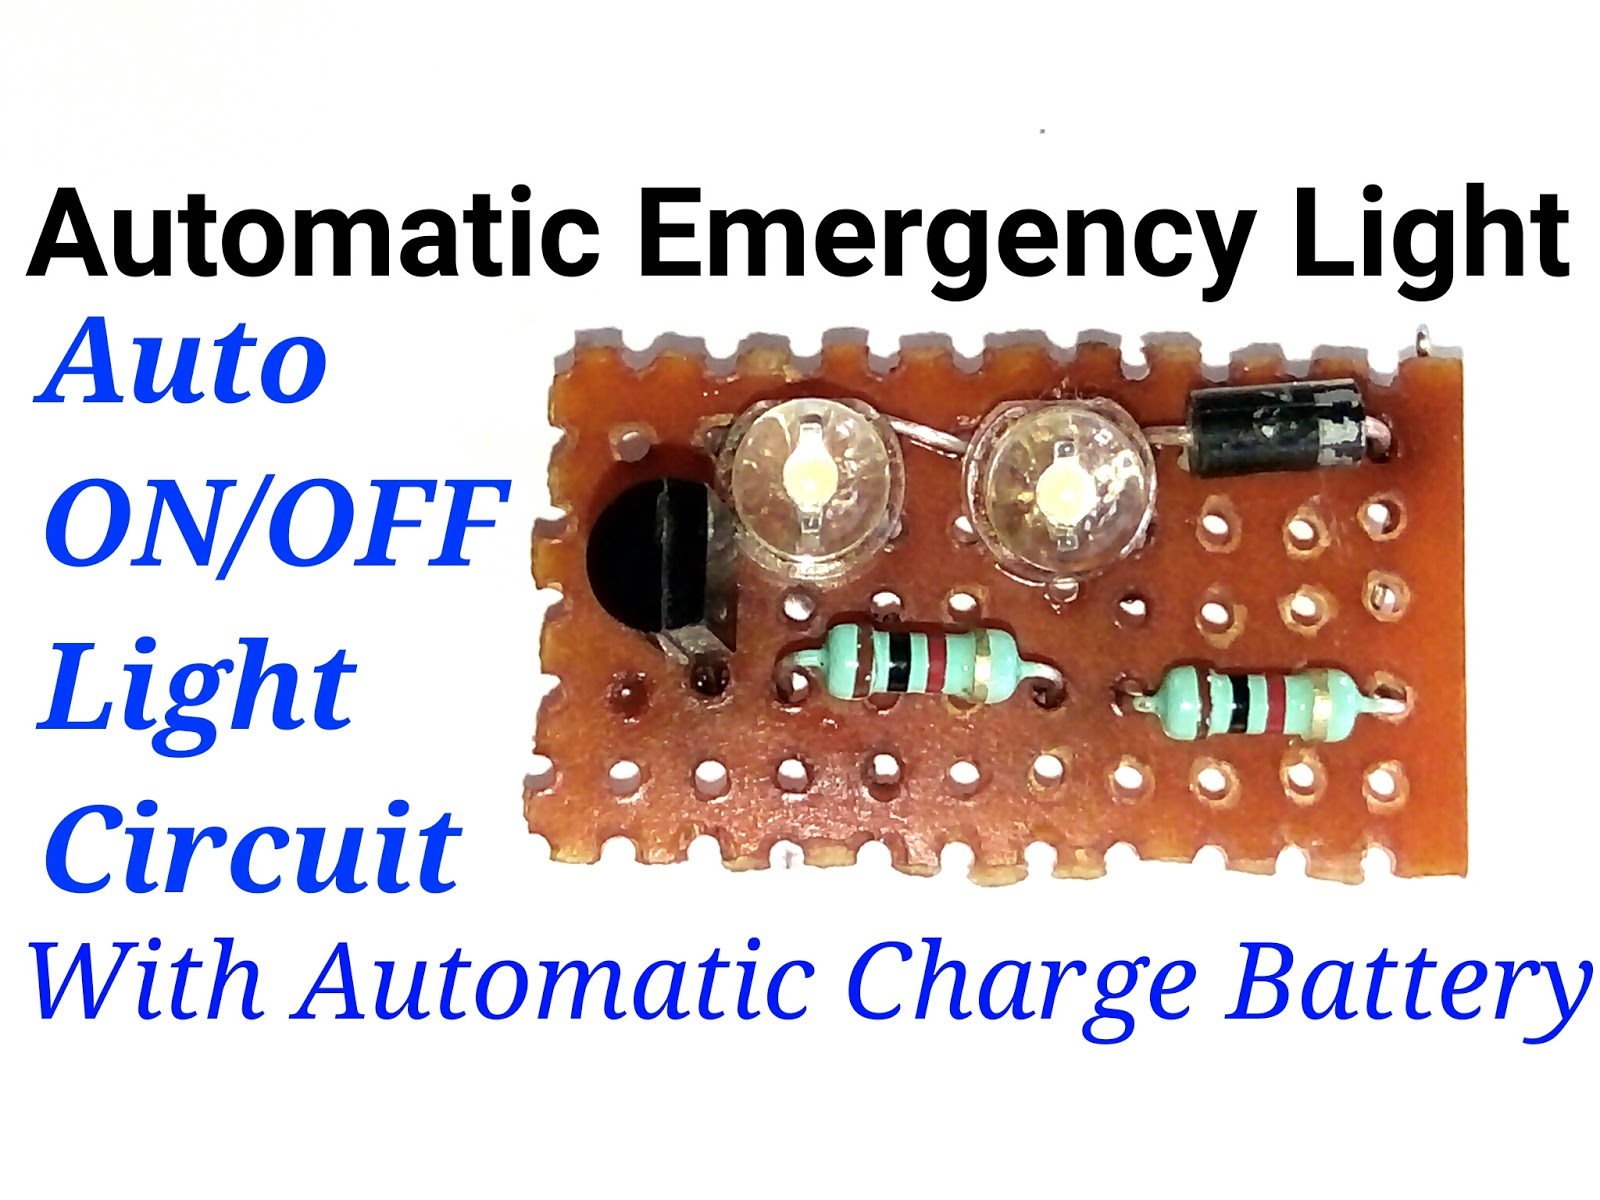 circuit diagram of 6v emergency light 4v or 6v automatic emergency light circuit diagram  4v or 6v automatic emergency light